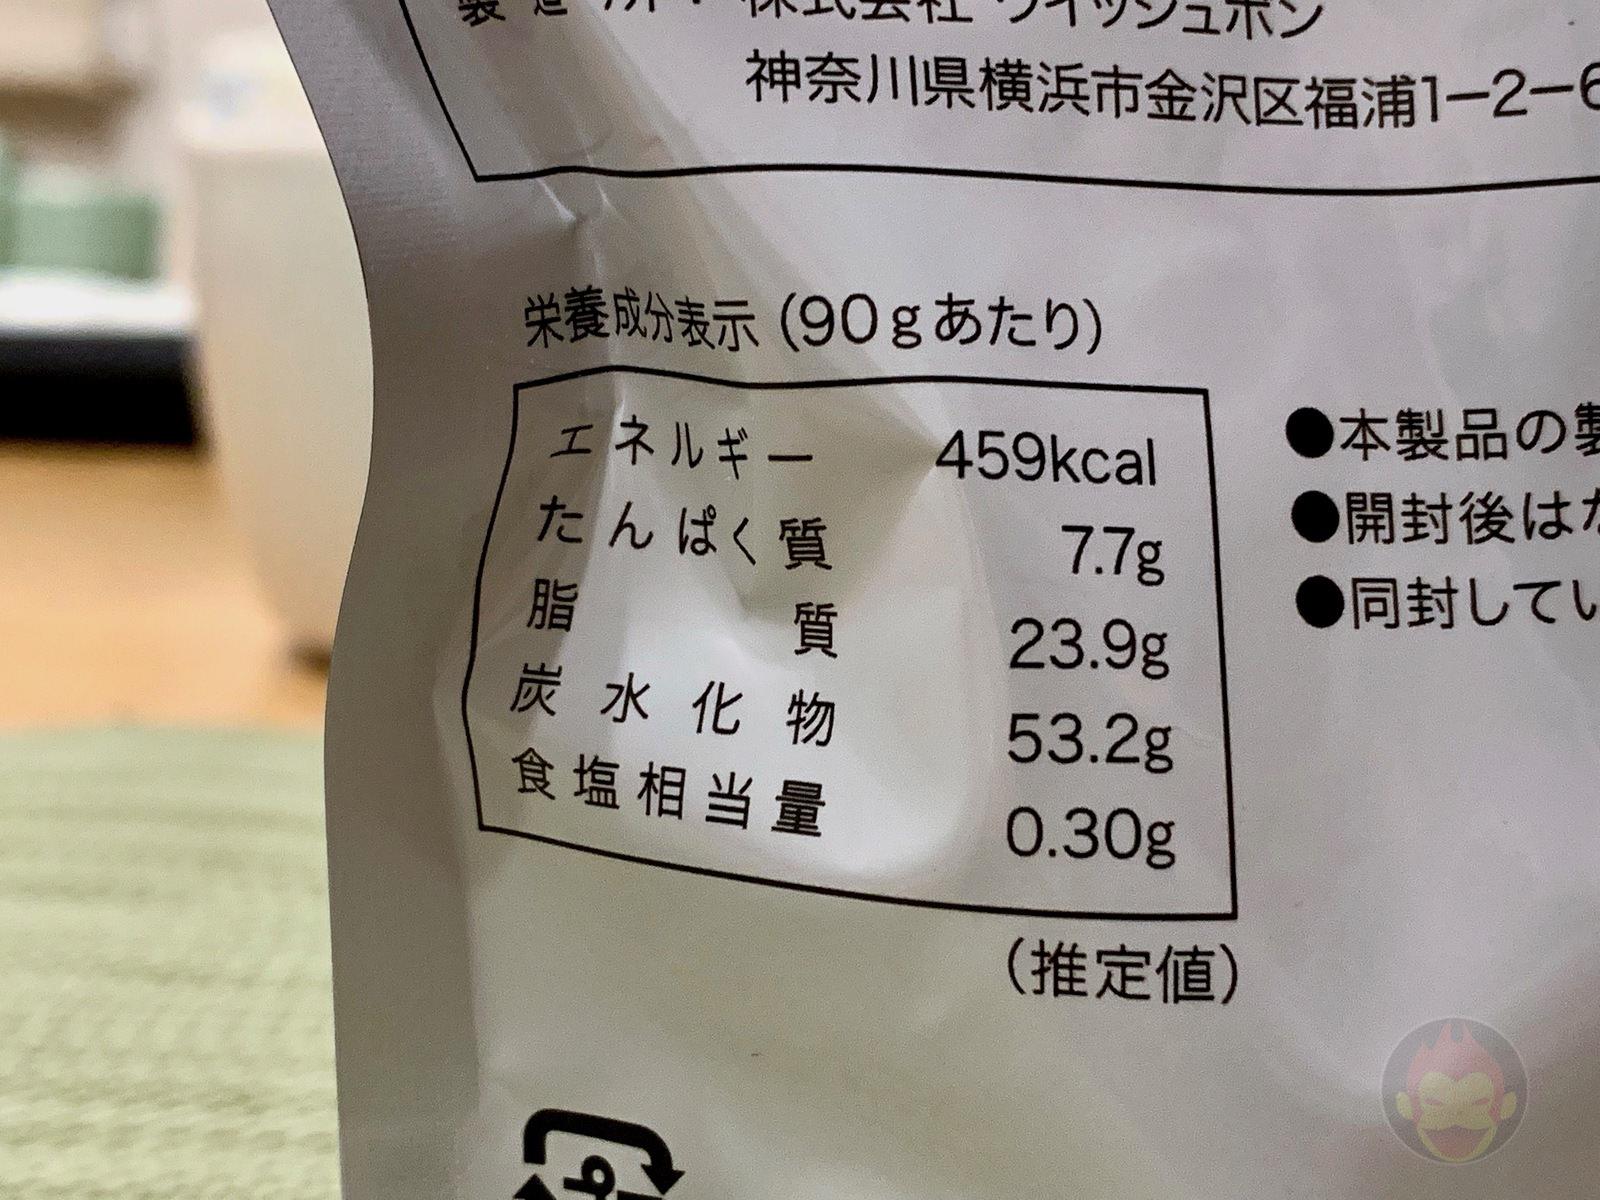 Seijo-Ishii-Cookies-06.jpg